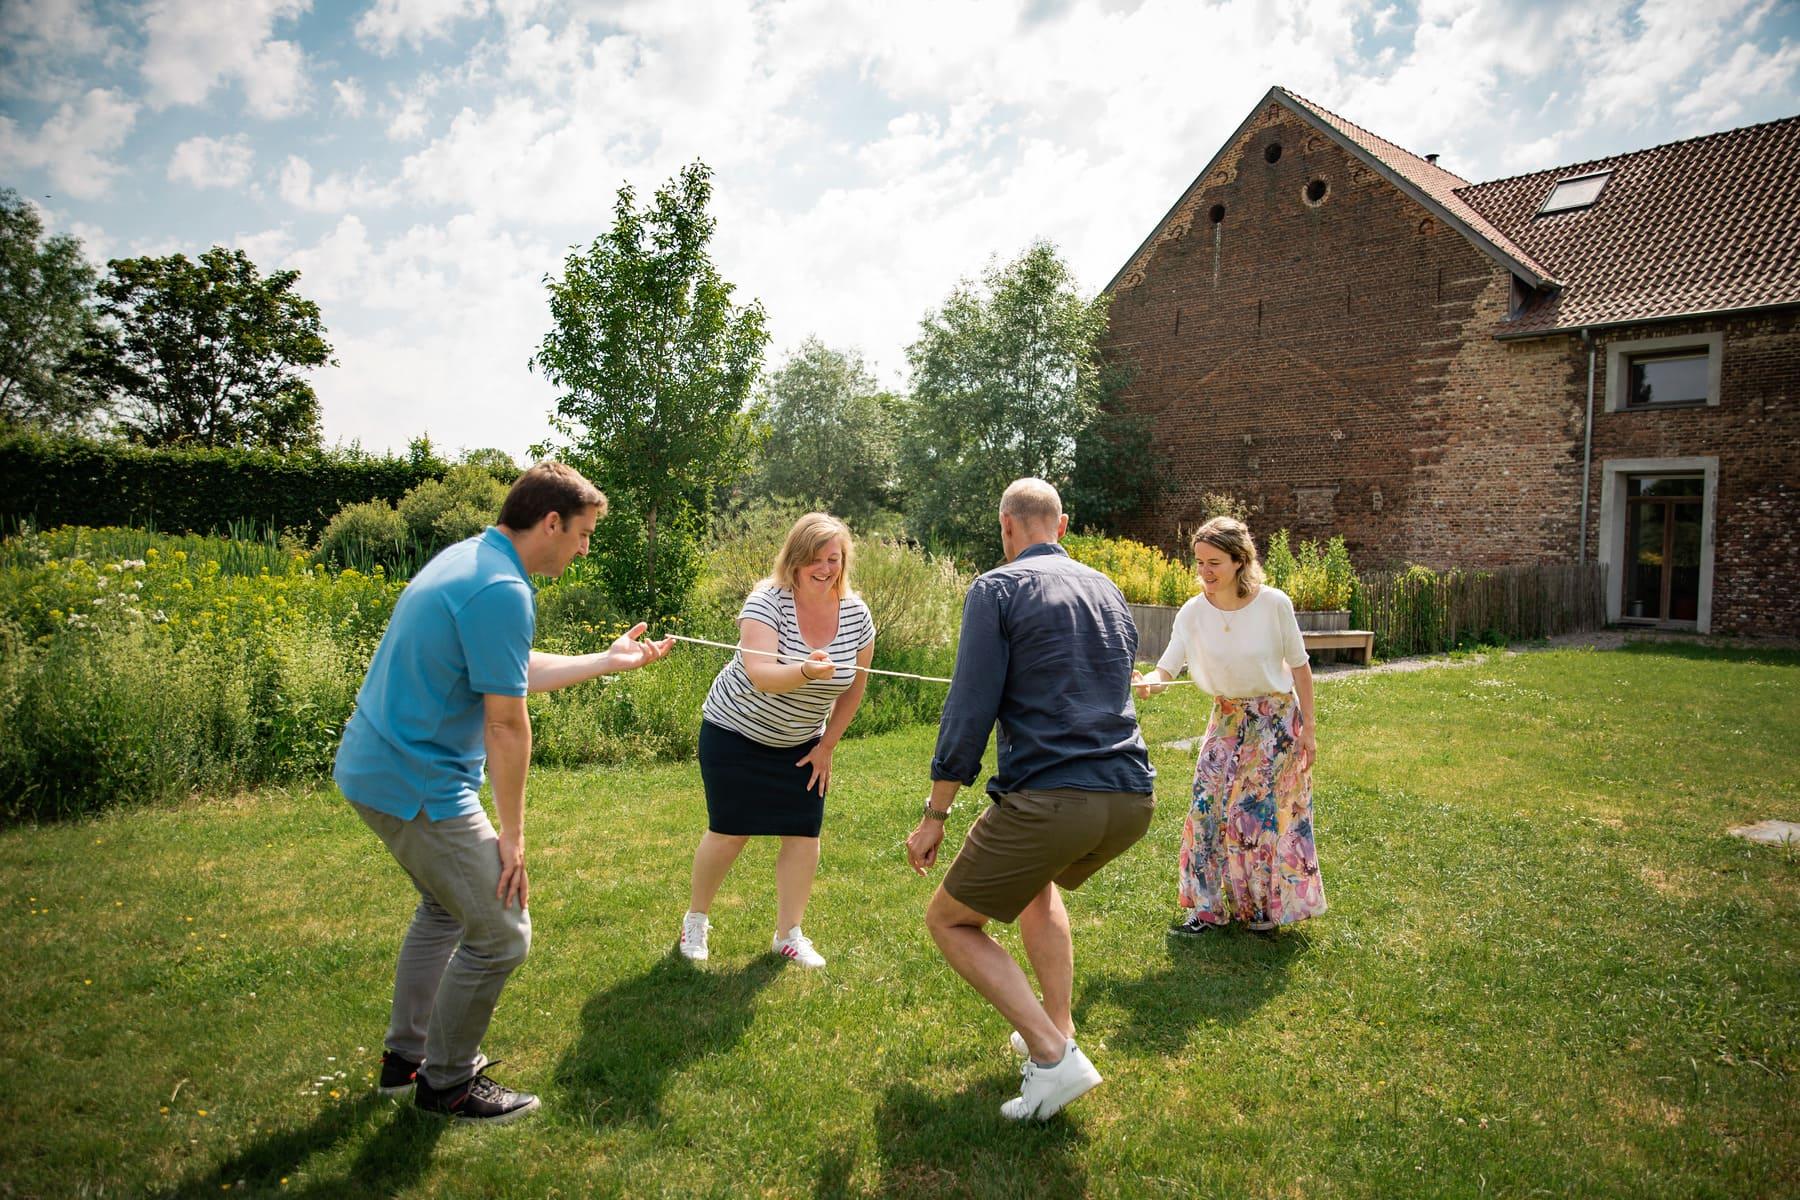 Kasteelhoeve Wange verenigingen vrij tijdsgroepen teambuilding kubben domein b&b hotel familie & vrienden Landen natuur spelletjes